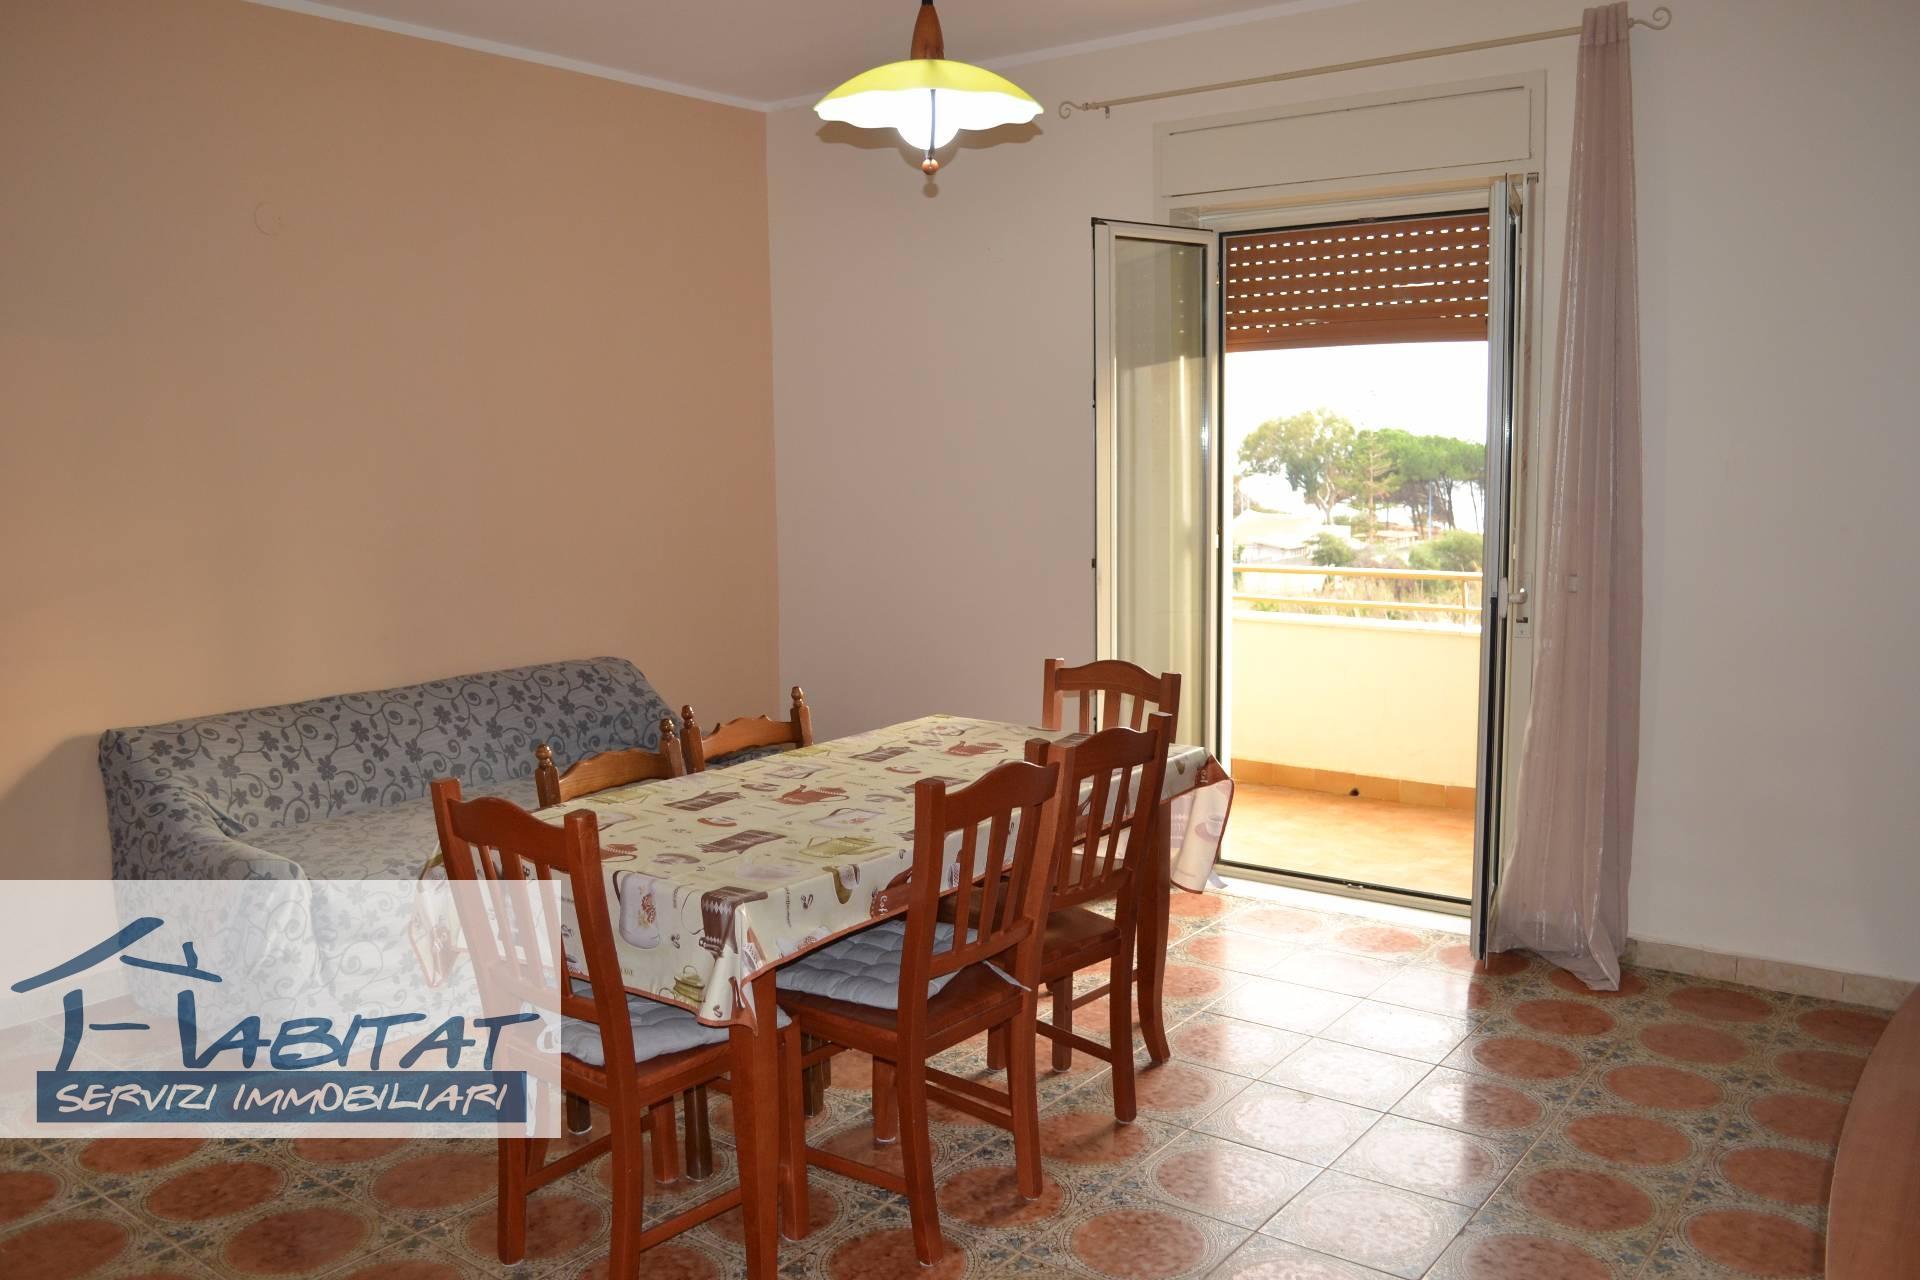 Appartamento in affitto a Agrigento, 4 locali, zona Località: SanLeone, prezzo € 300 | CambioCasa.it